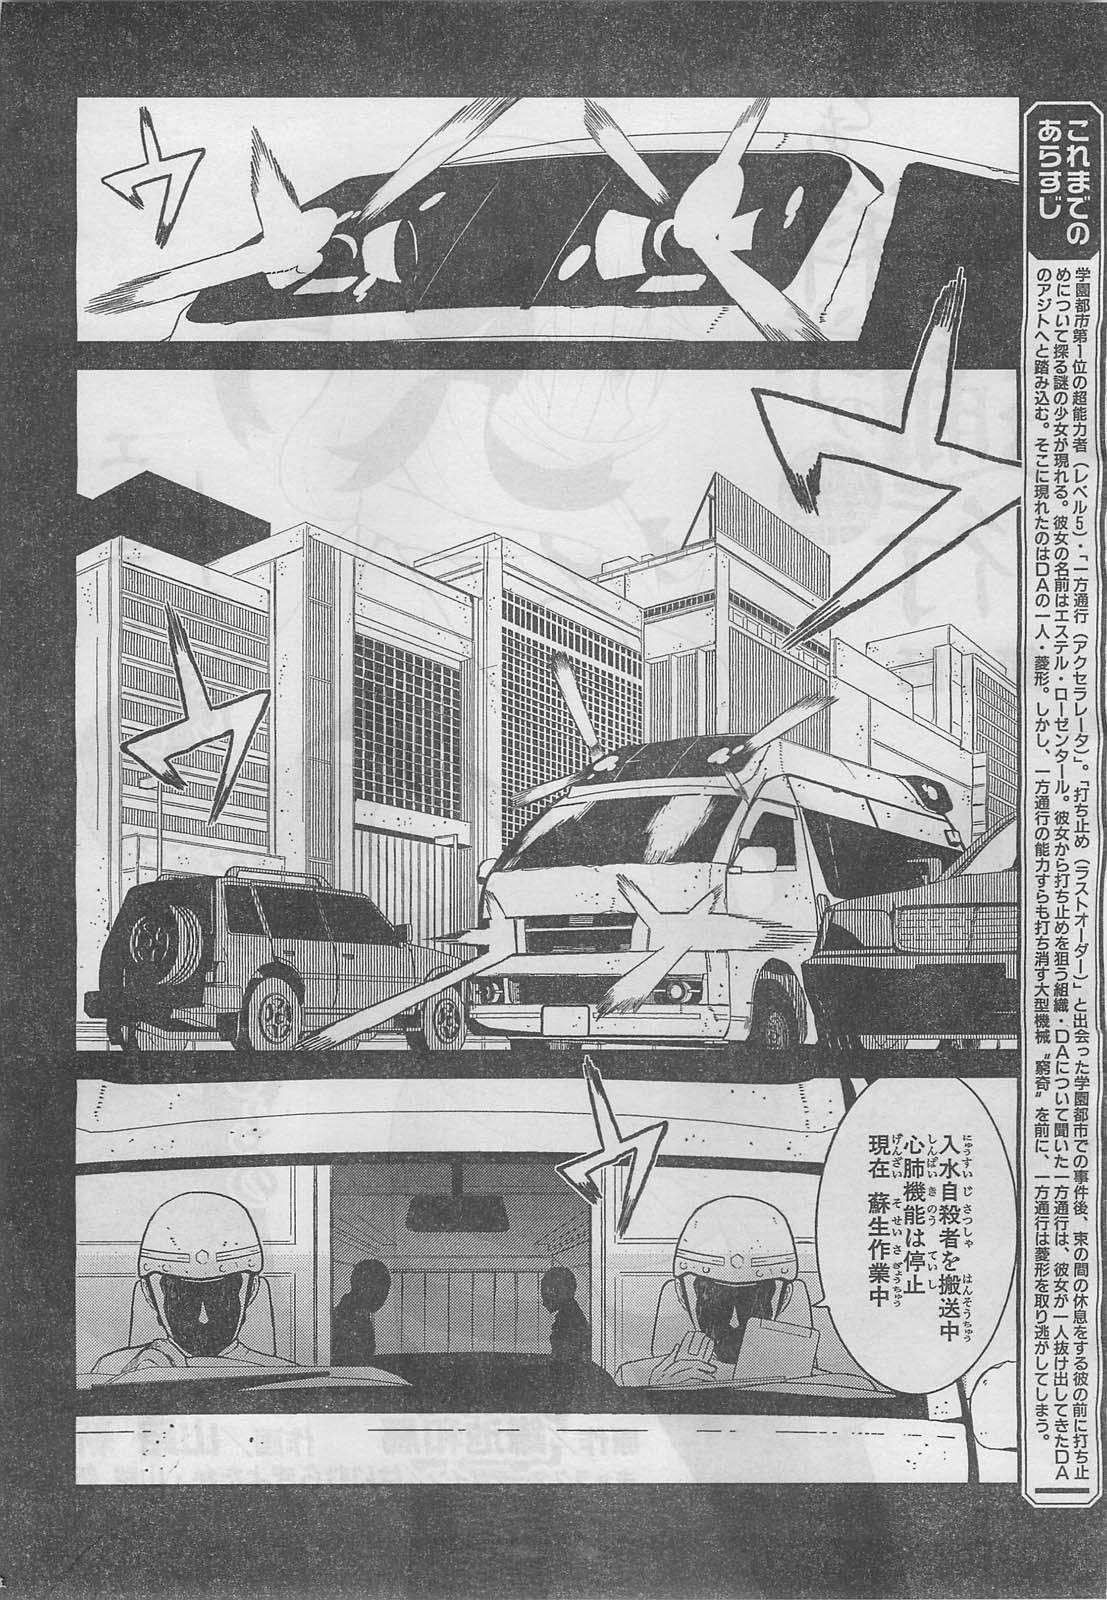 Toaru kagaku no accelerator 03 195254287556d1f275b1039dc325cd21bacec887